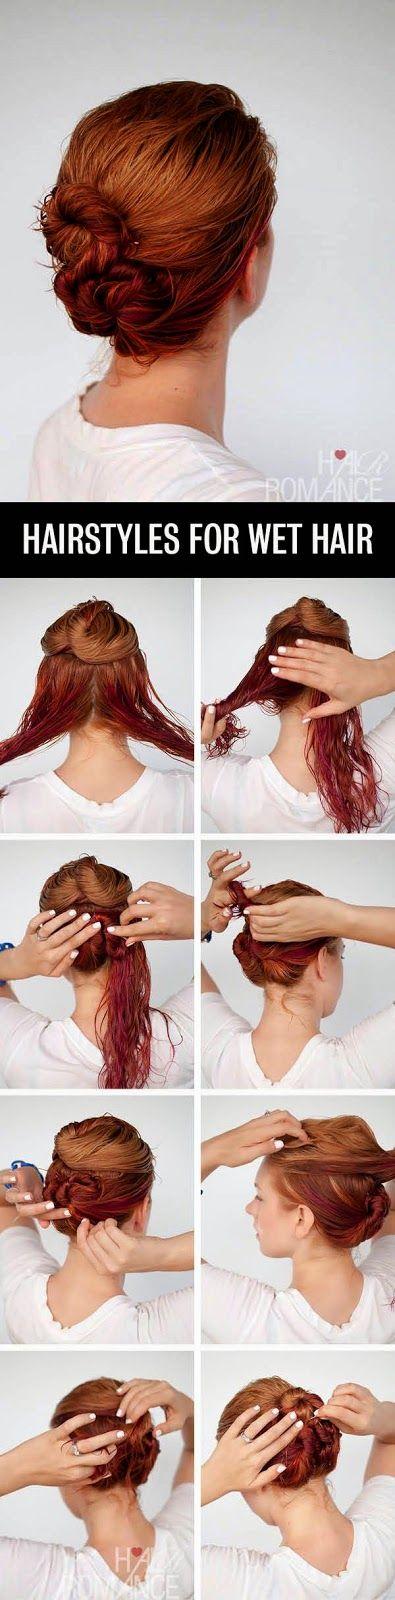 Hair Style For Wet Hair Hair Styles Hair Romance Hair Tutorials Easy